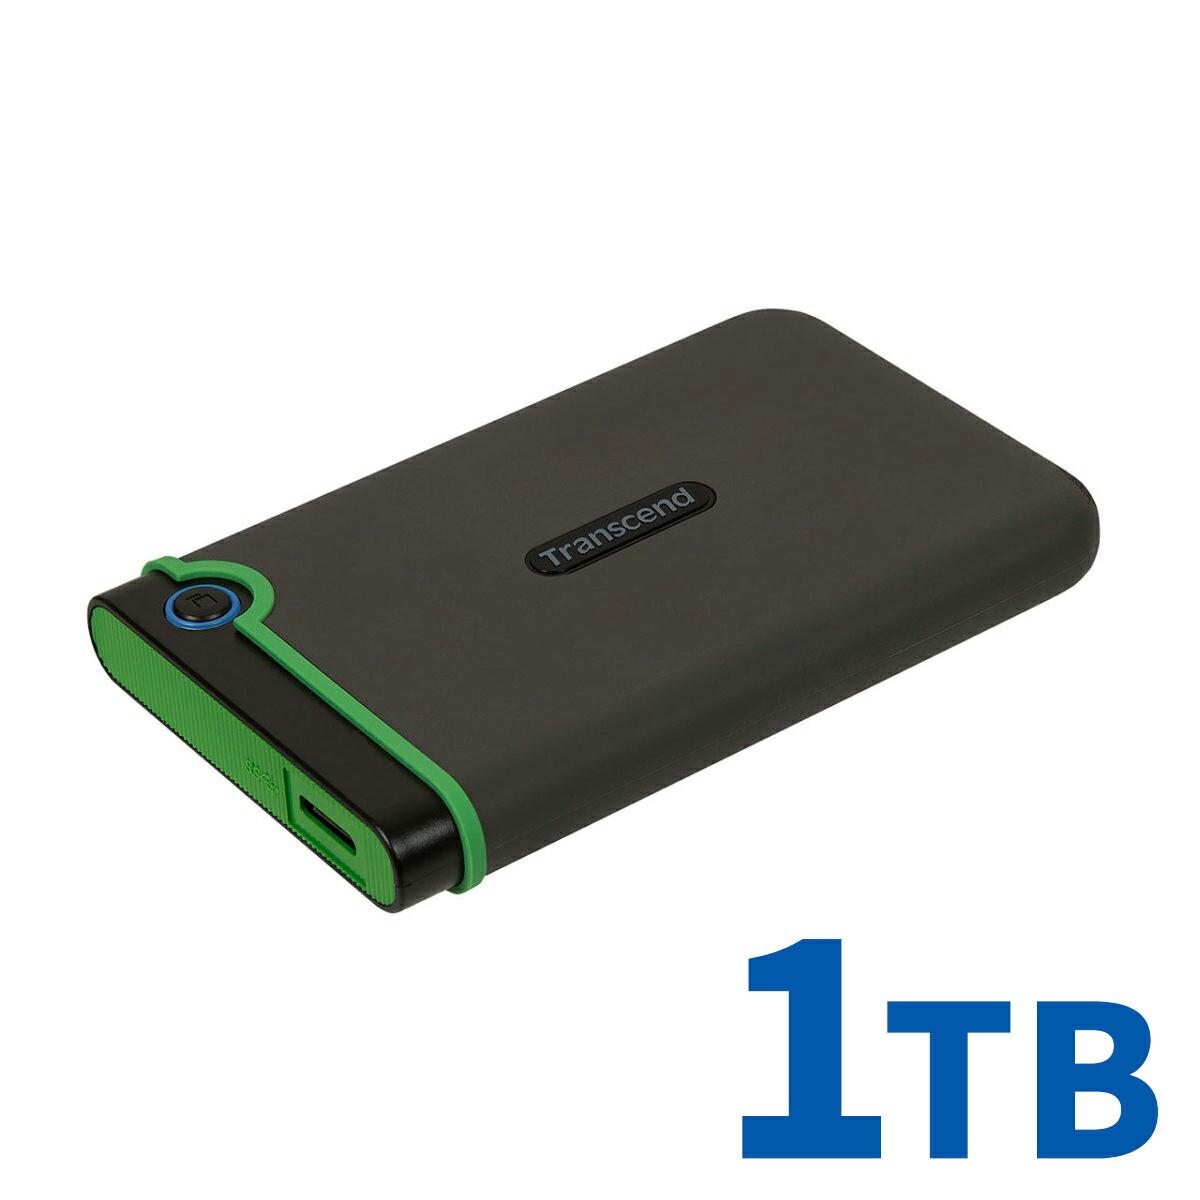 8SFF E208i-a 【送料無料】 16GBメモリ 500W電源 HP 878714-291 DL385 Gen10 EPYC 7251 2.1GHz 1P8C ラックGSモデル 【在庫目安:お取り寄せ】 (2.5型) ホットプラグ